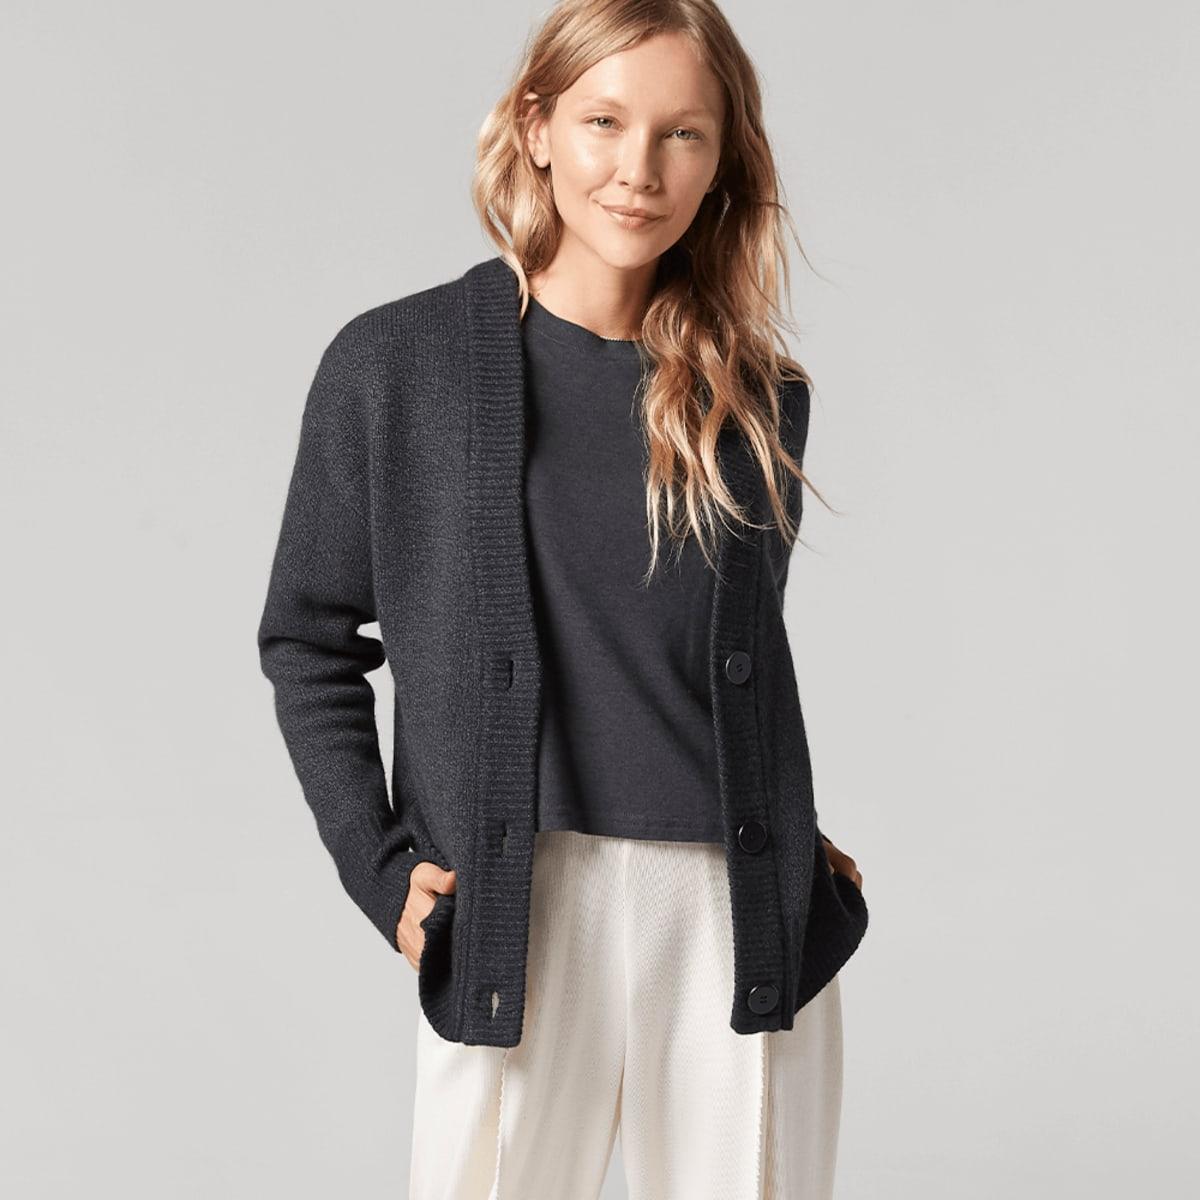 Brand di moda ecosostenibile, ecco i migliori